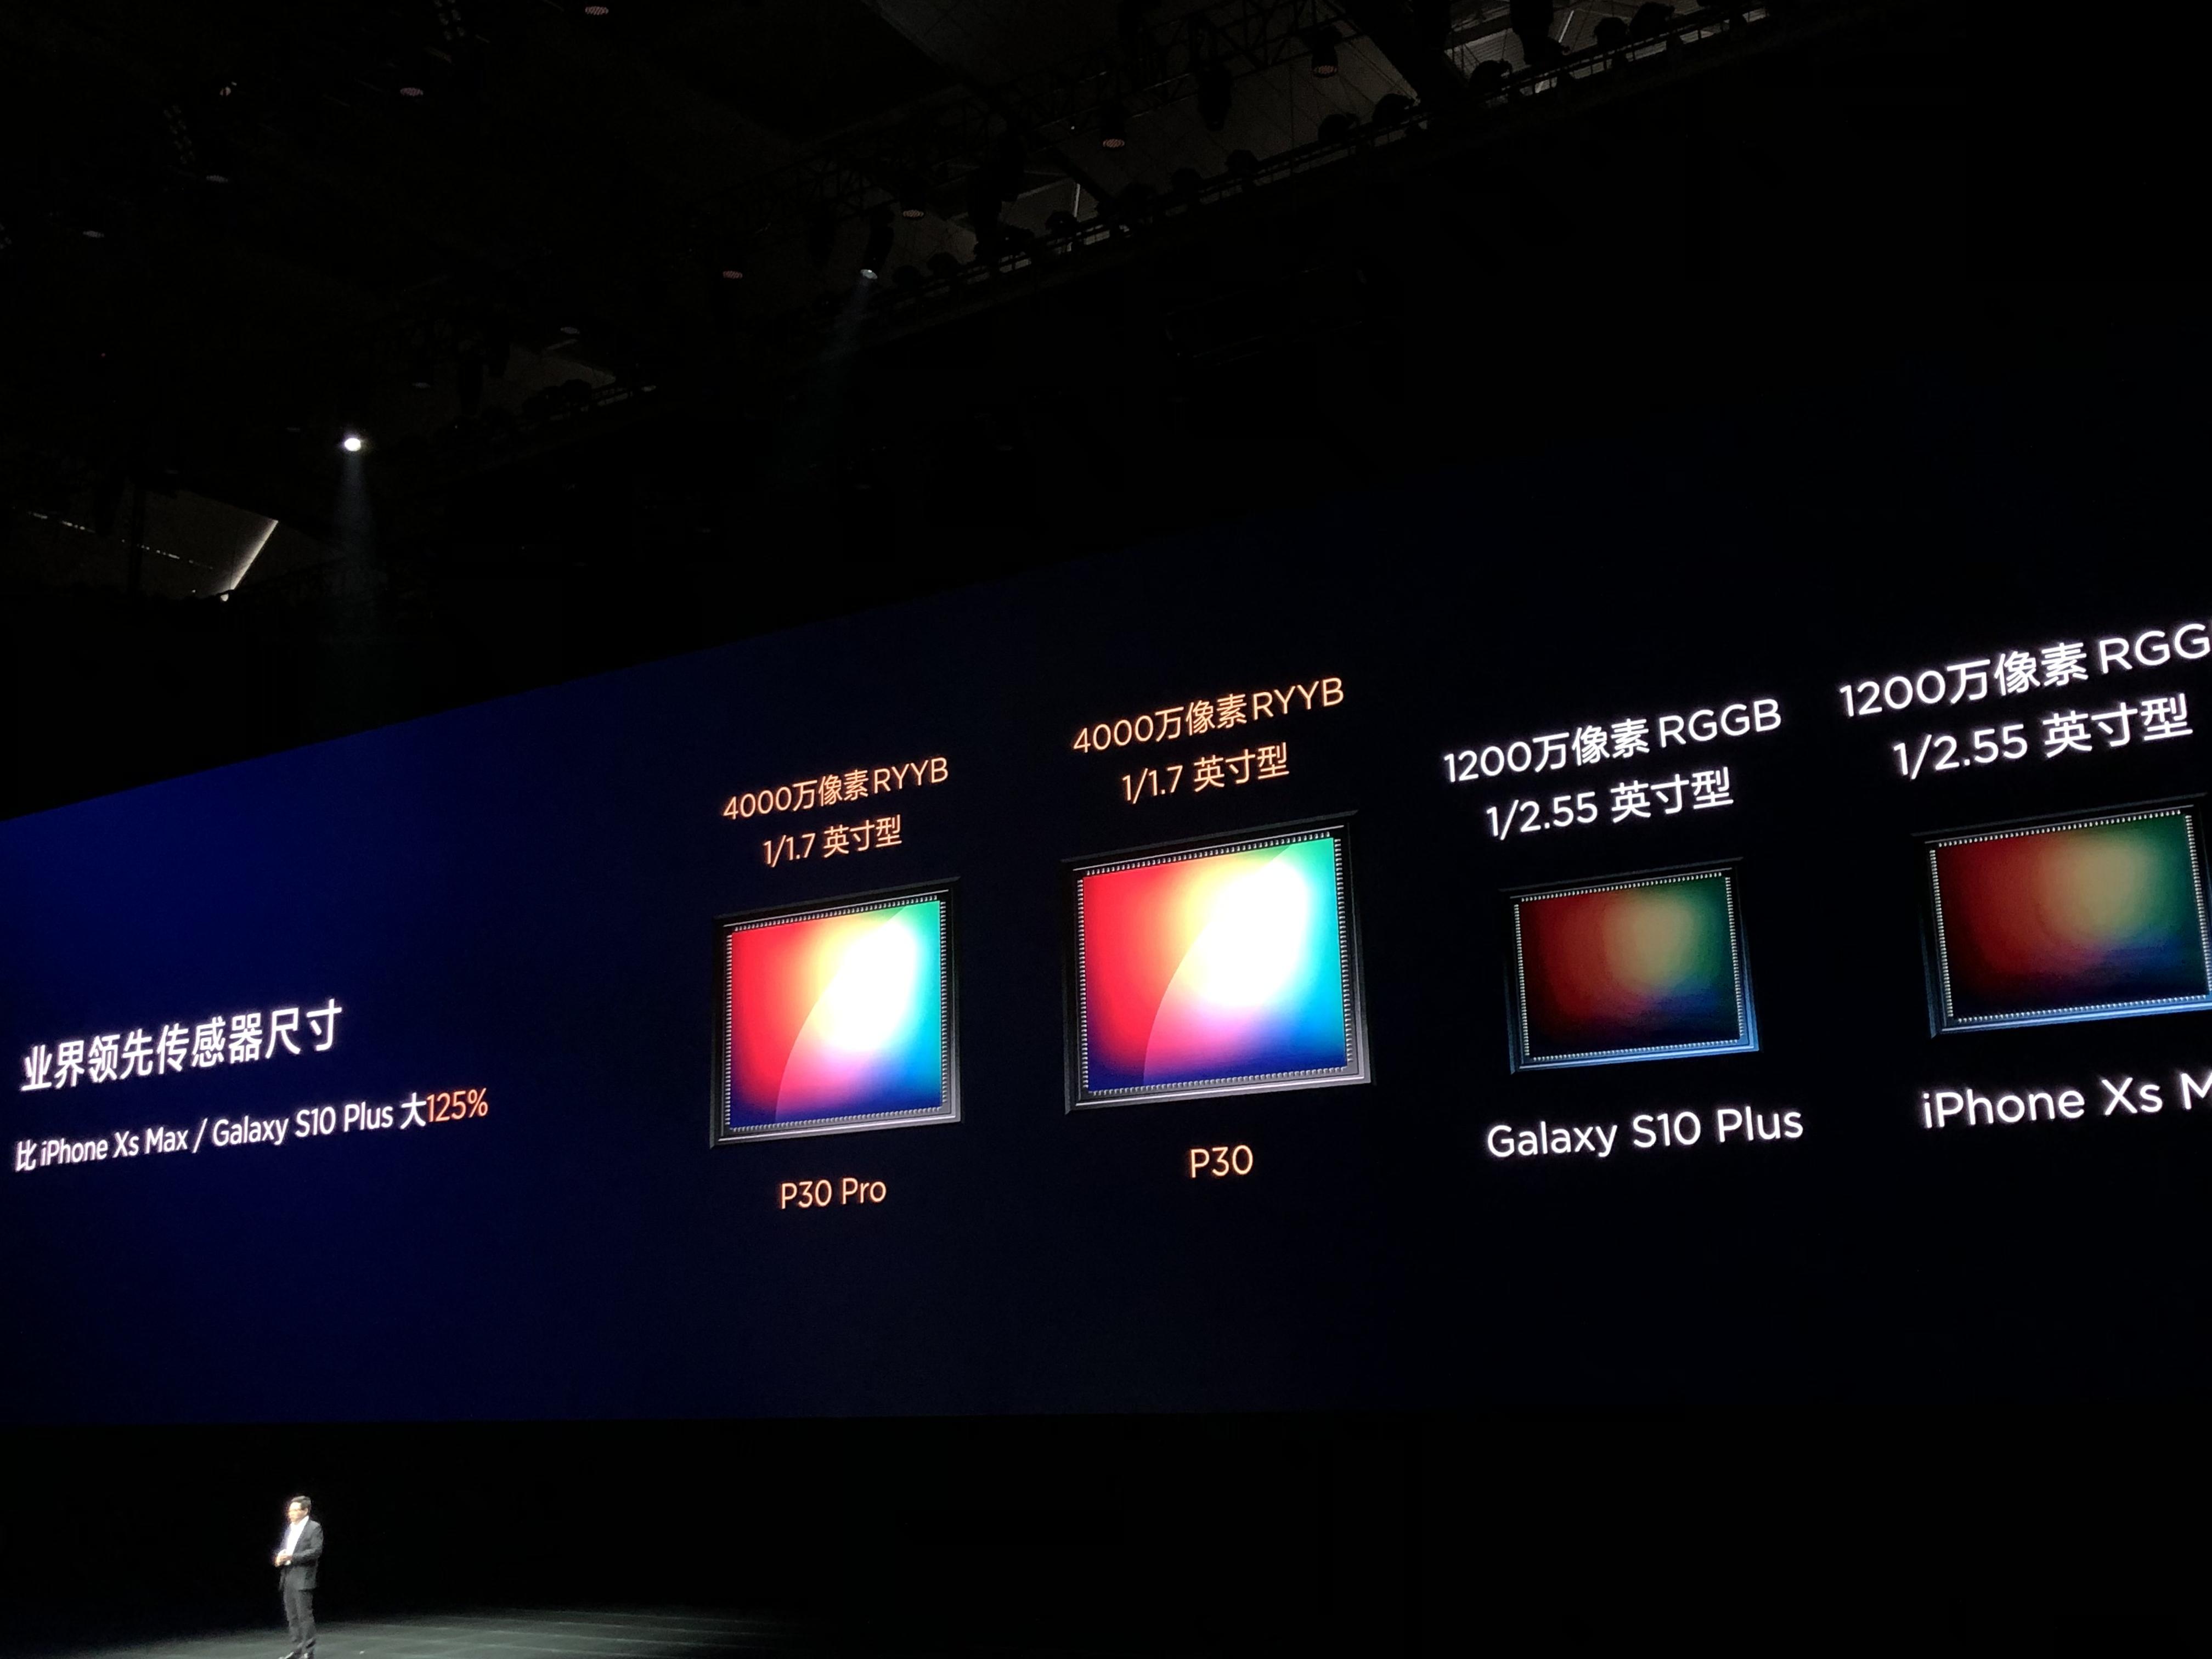 华为P30国行版发布 售价3988元起 比国际版便宜近半的照片 - 7